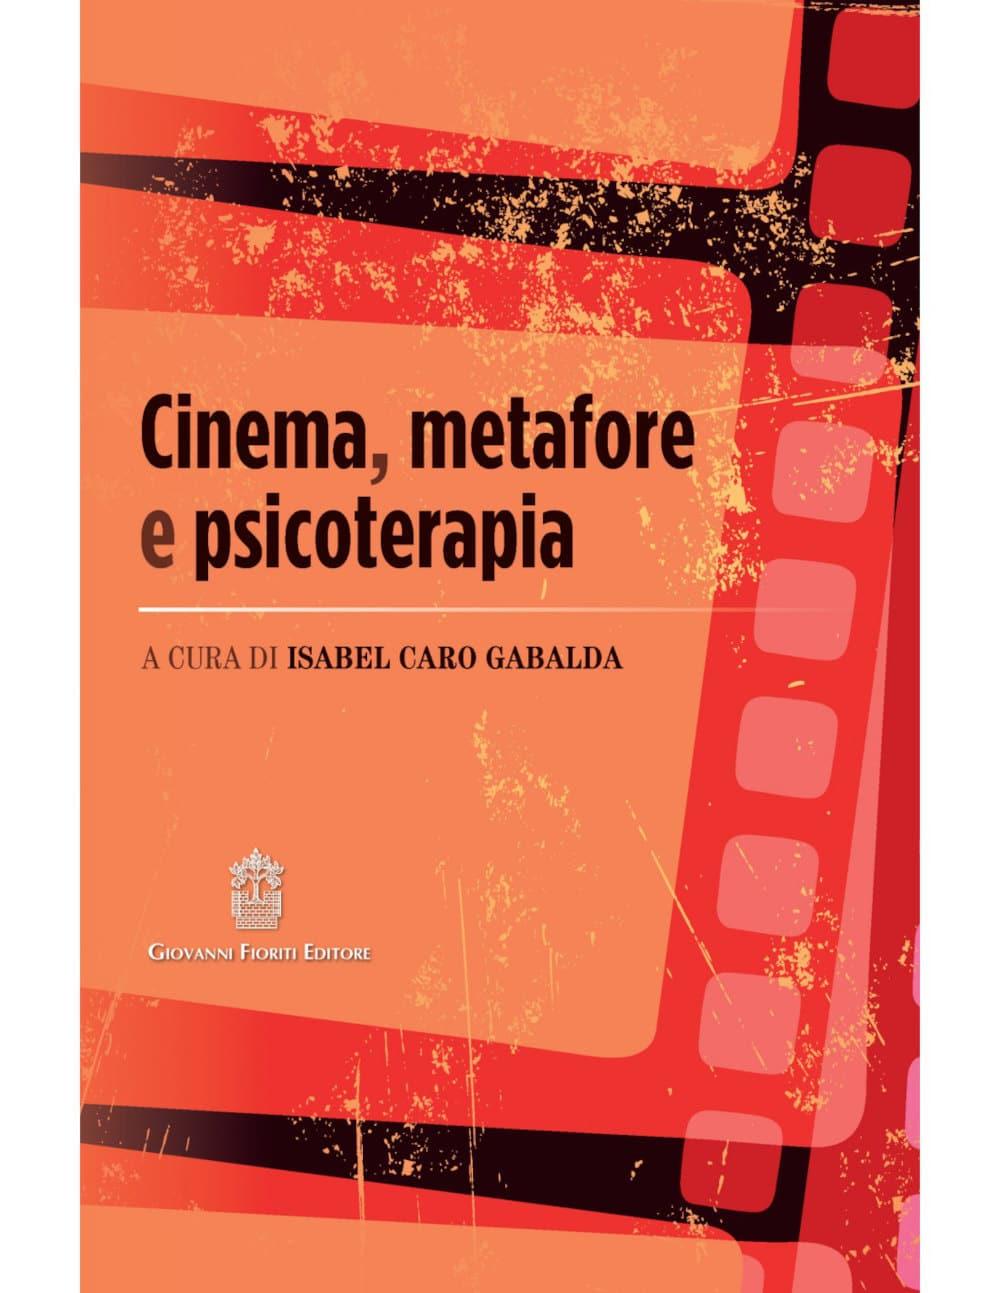 Cinema, metafore e psicoterapia (2021) di Isabel Caro Gabalda – Recensione del libro